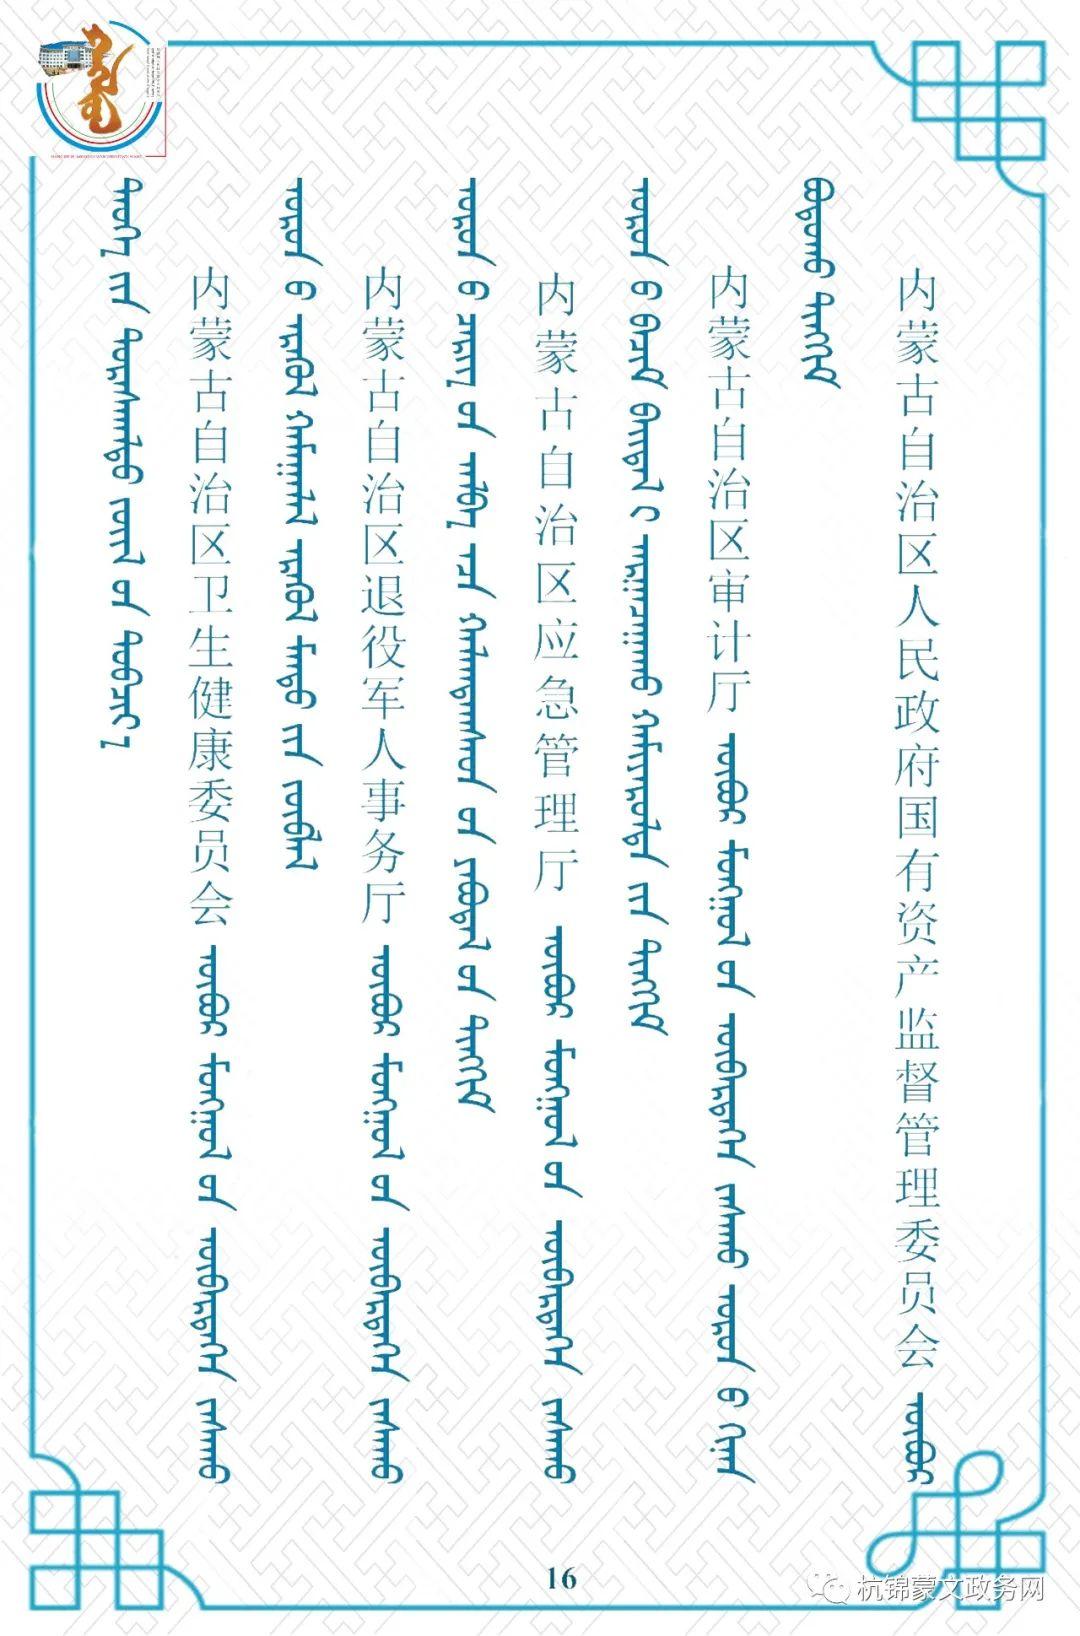 内蒙古自治区委员会机构设置蒙汉对照 第16张 内蒙古自治区委员会机构设置蒙汉对照 蒙古文库